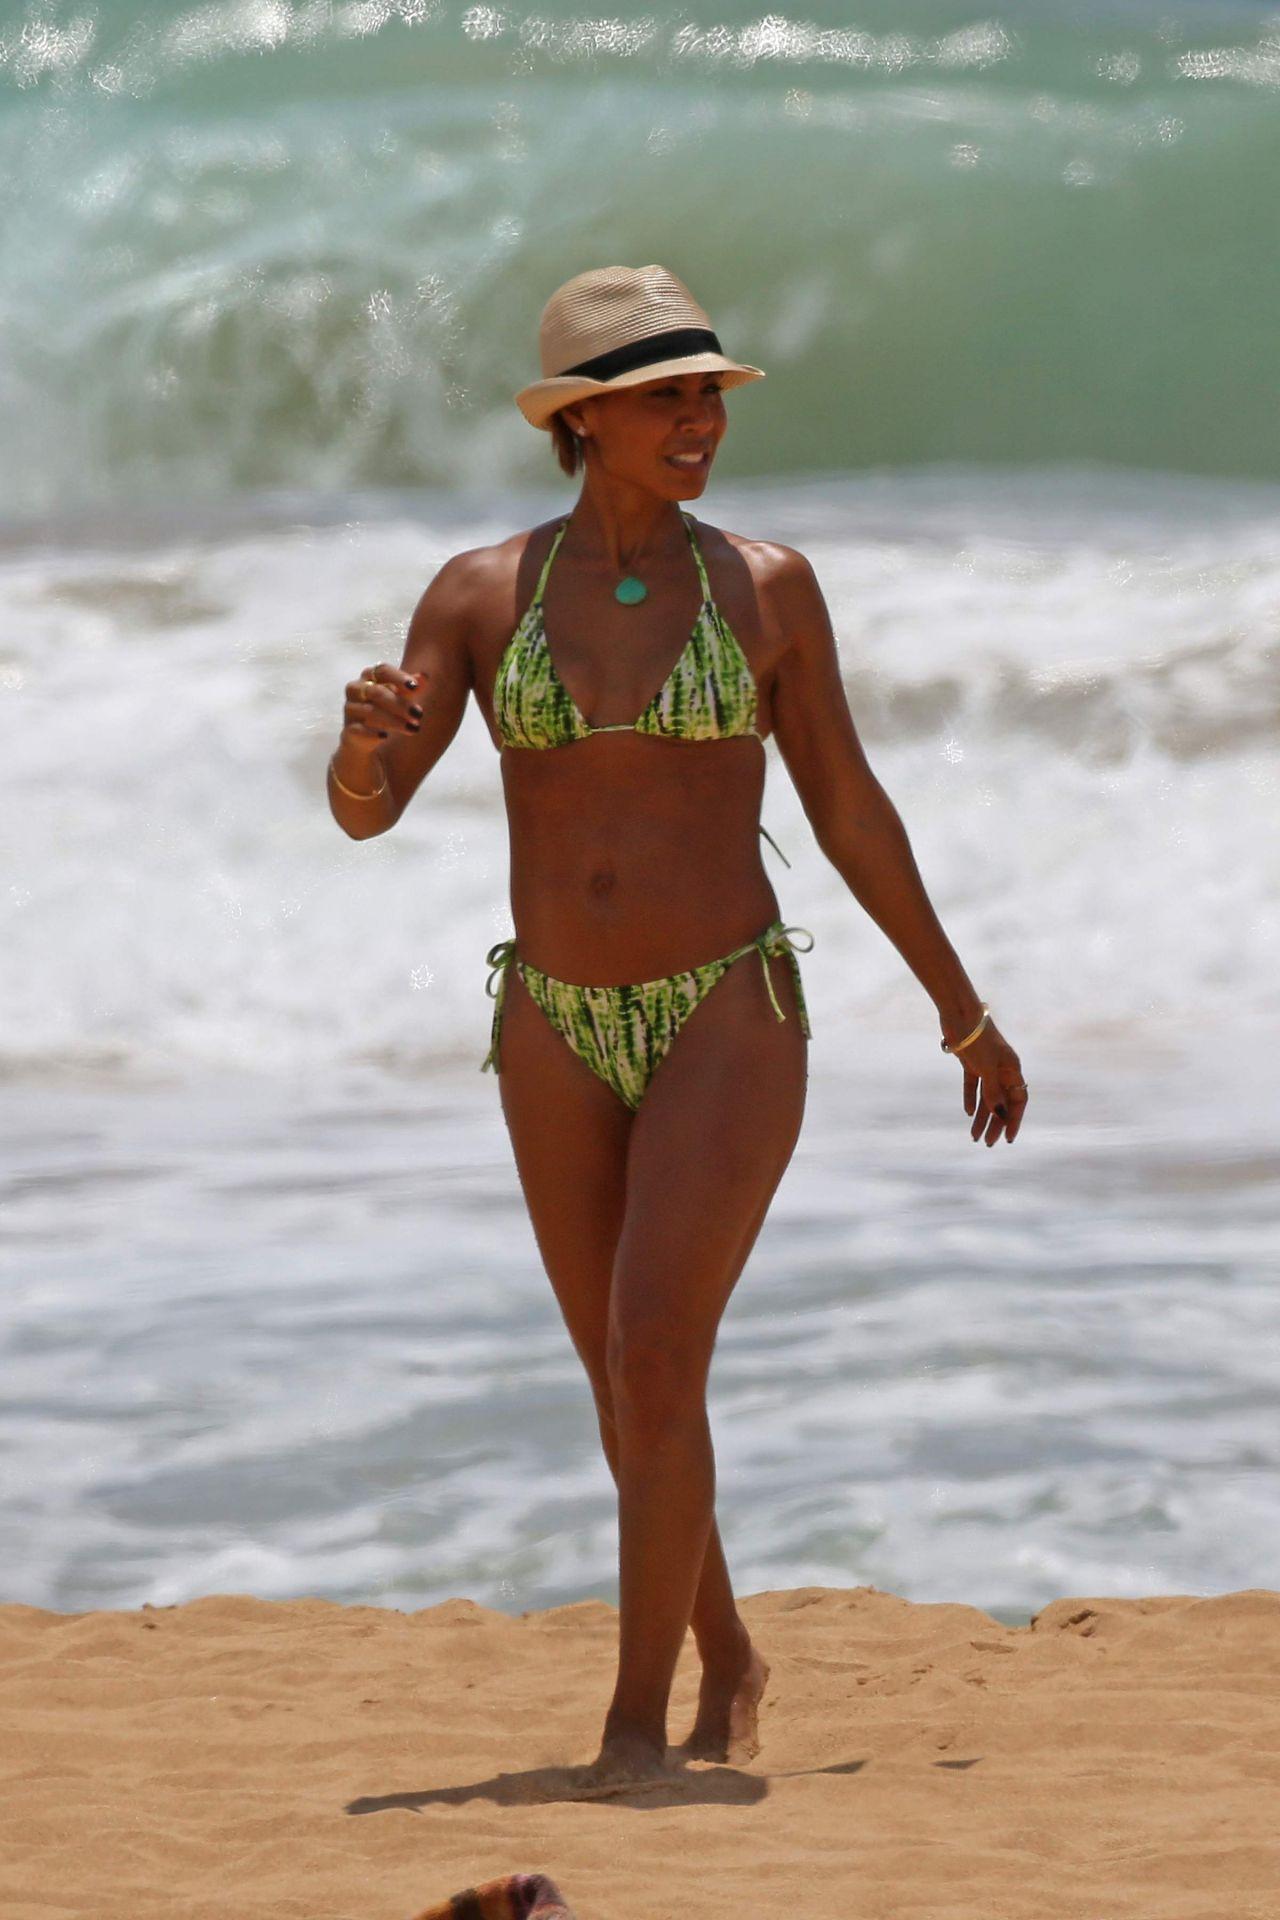 jada-pinkett-smith-in-a-bikini-on-vacation-in-hawaii-july-2015_11